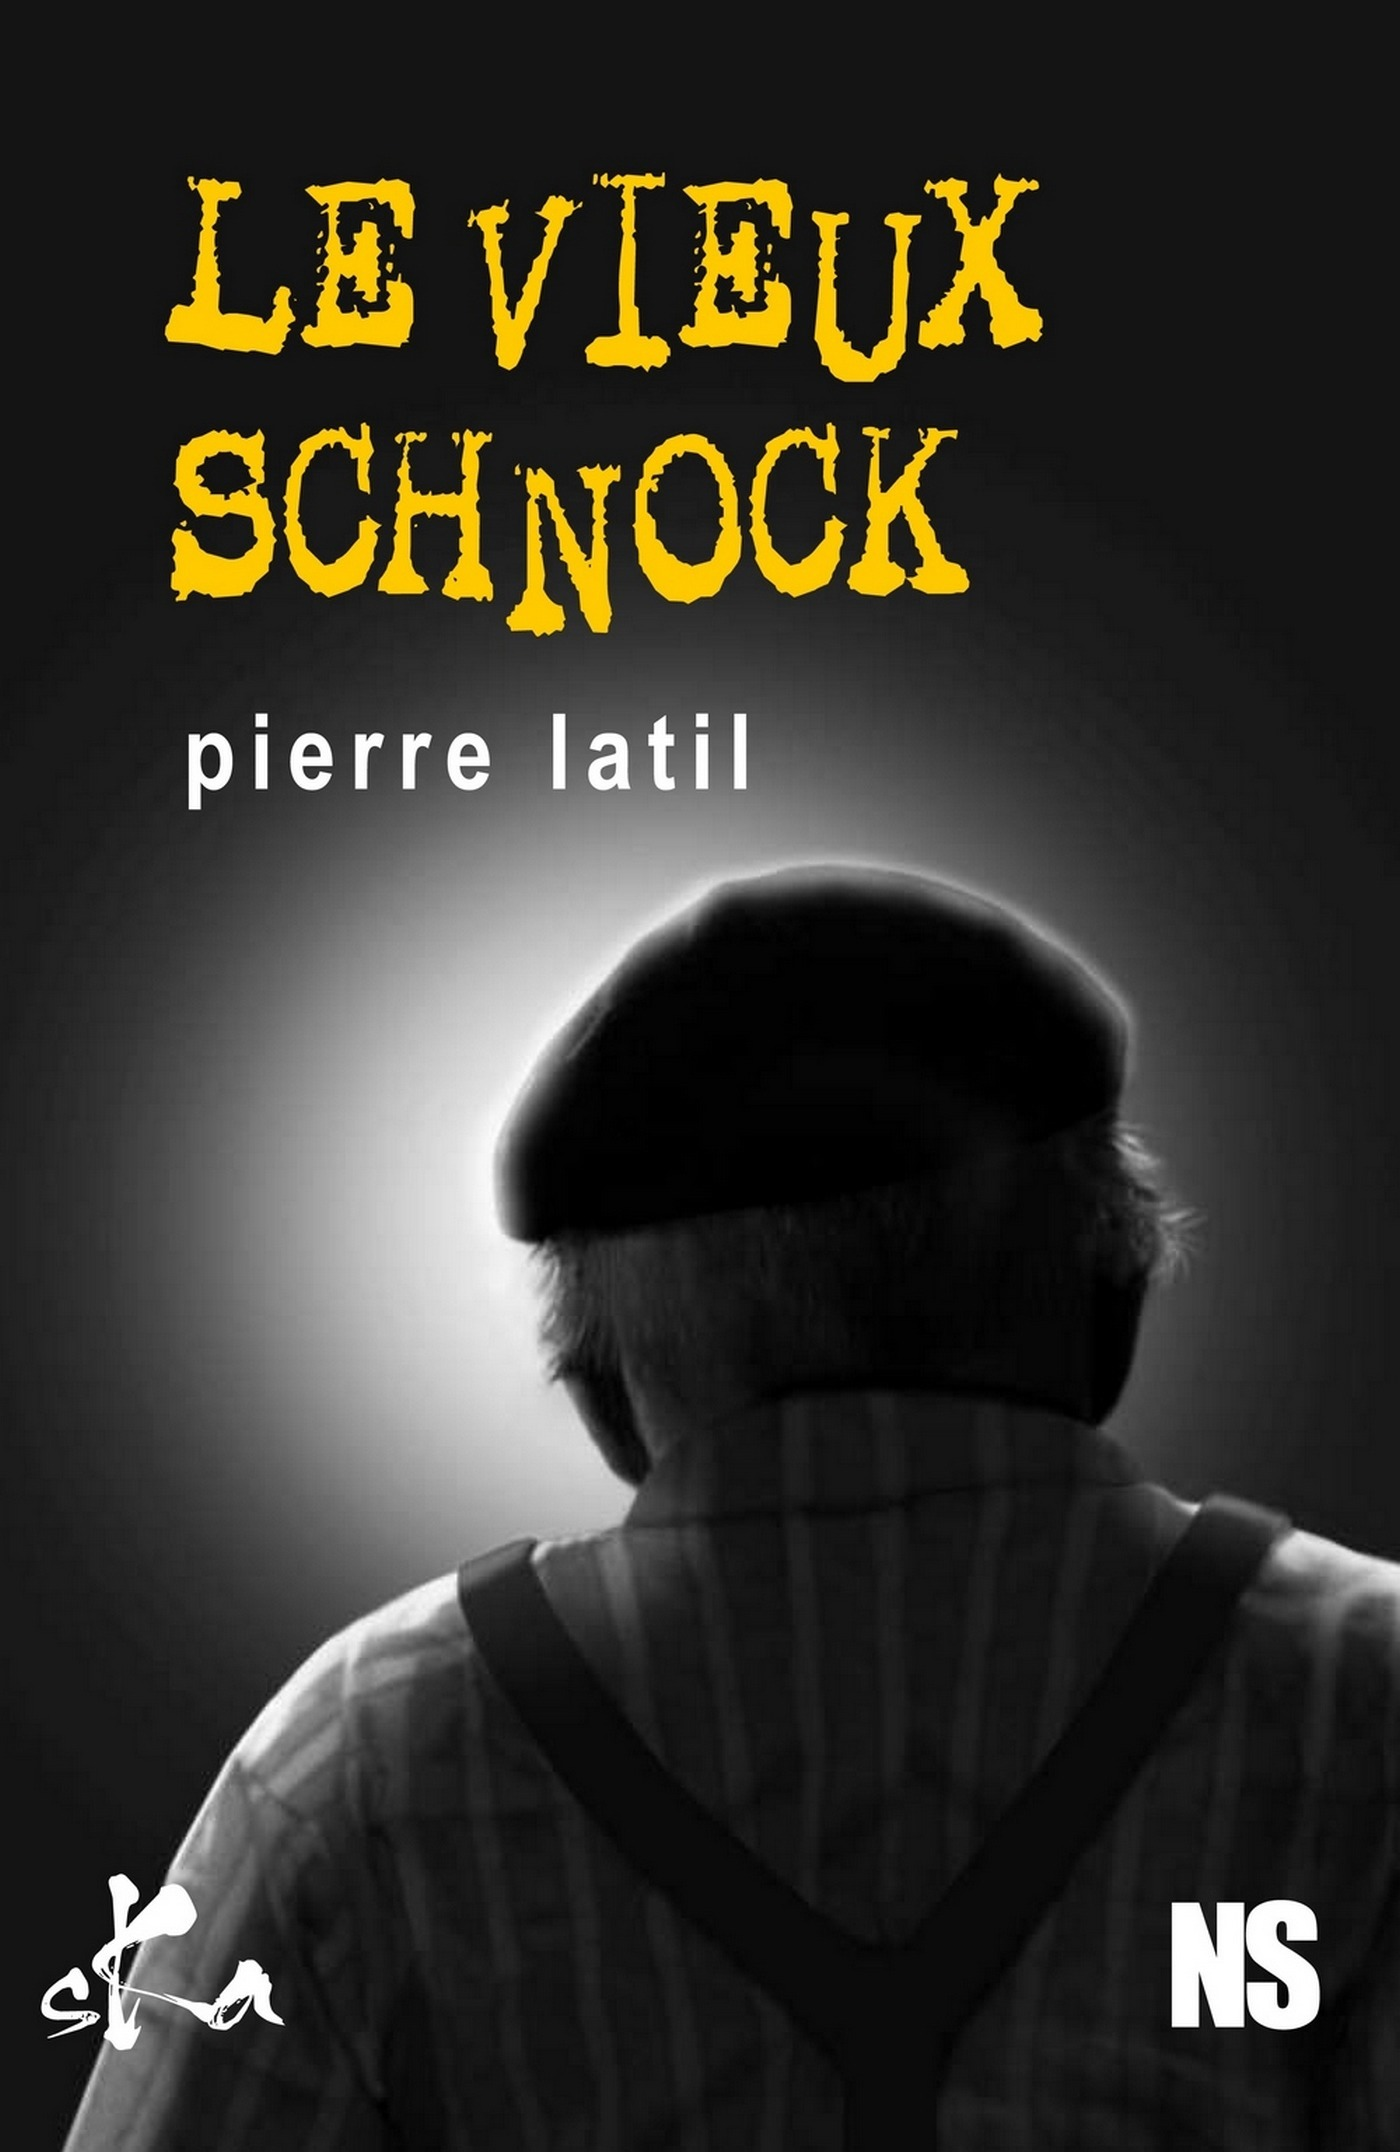 Le vieux schnock